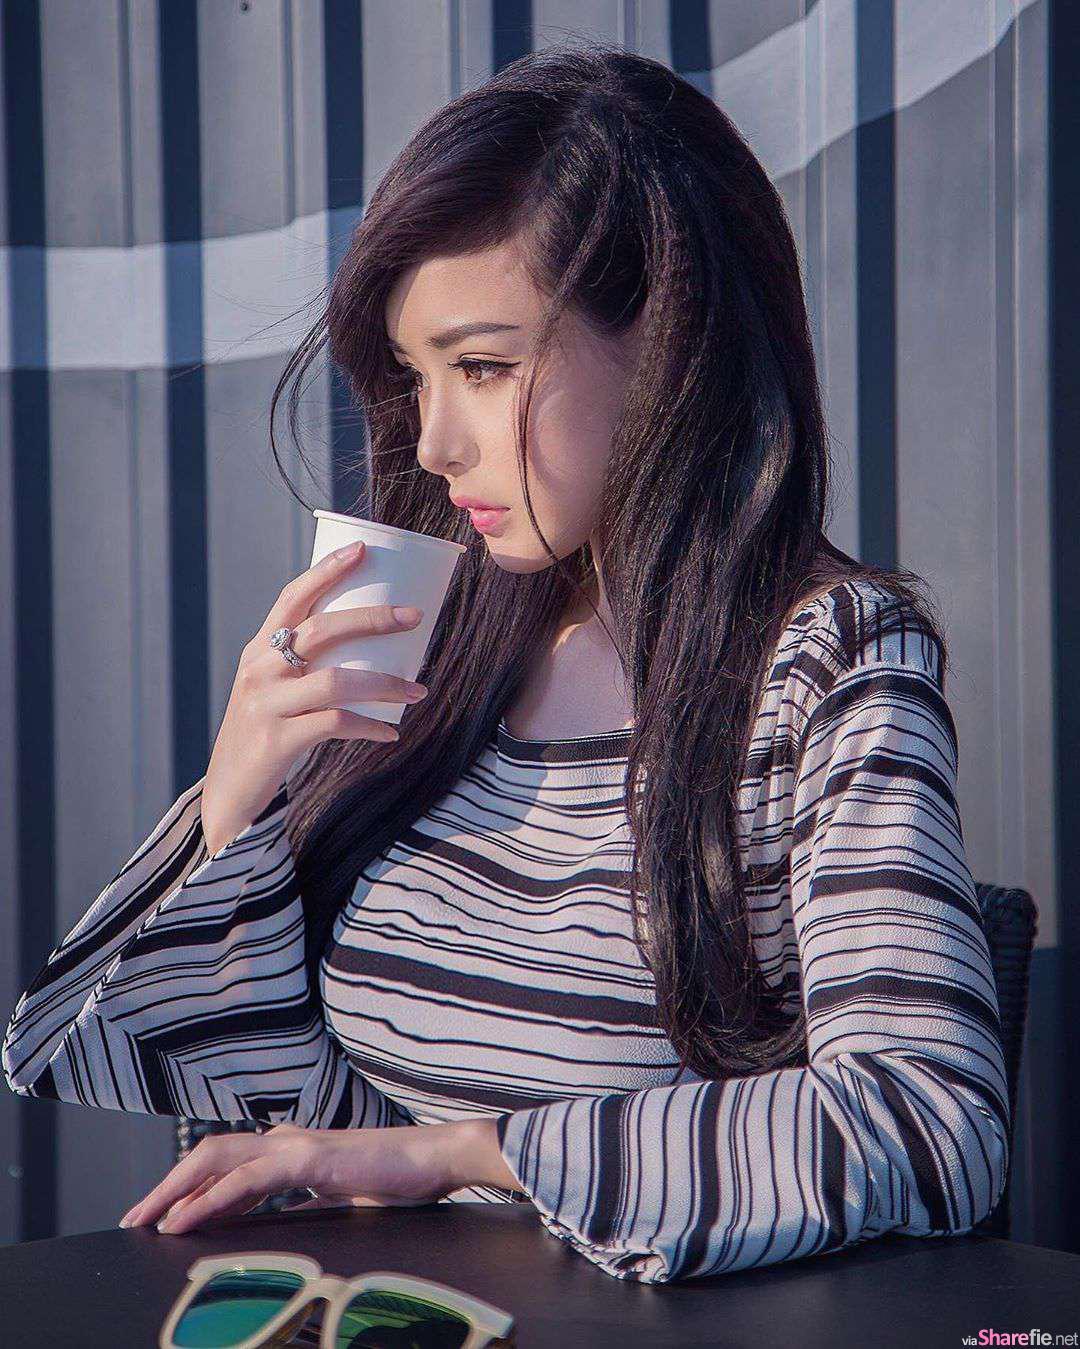 越南正妹Phan Uyen,高颜值配深沟事业线